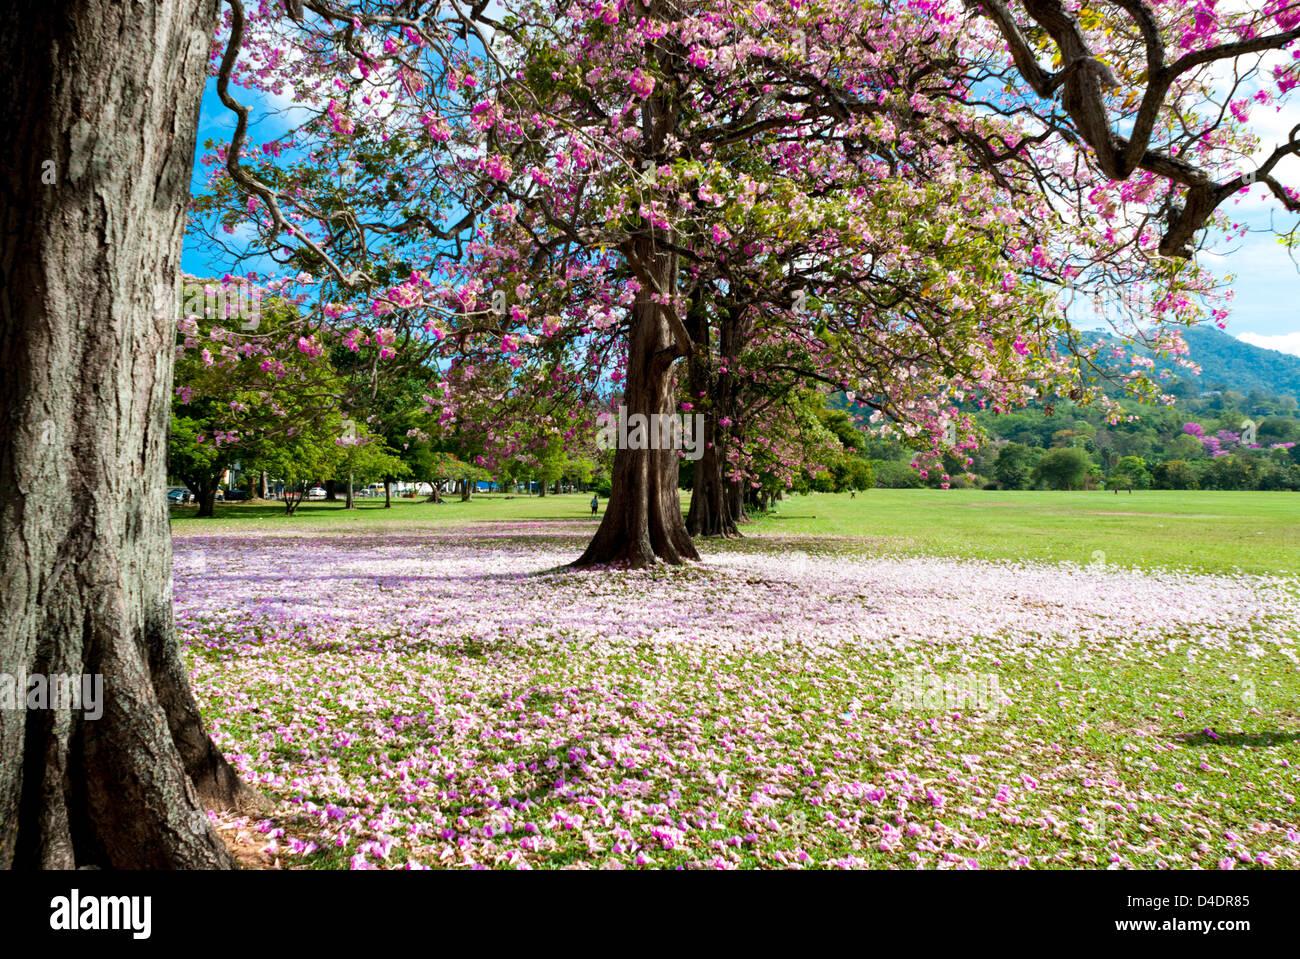 Queens Park Savannah Stock Photos & Queens Park Savannah ...